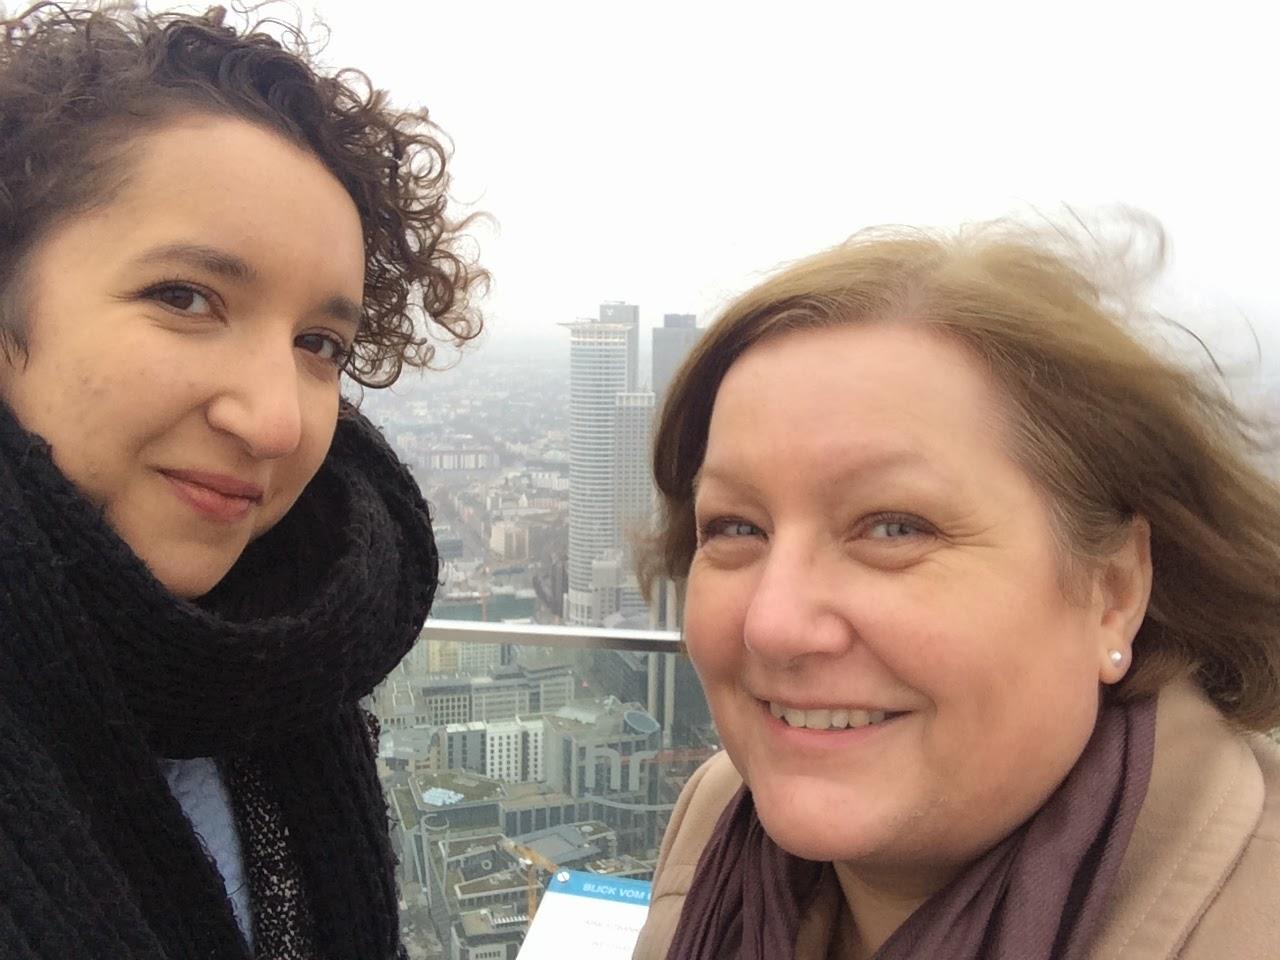 selfie at the top of frankfurt main tower